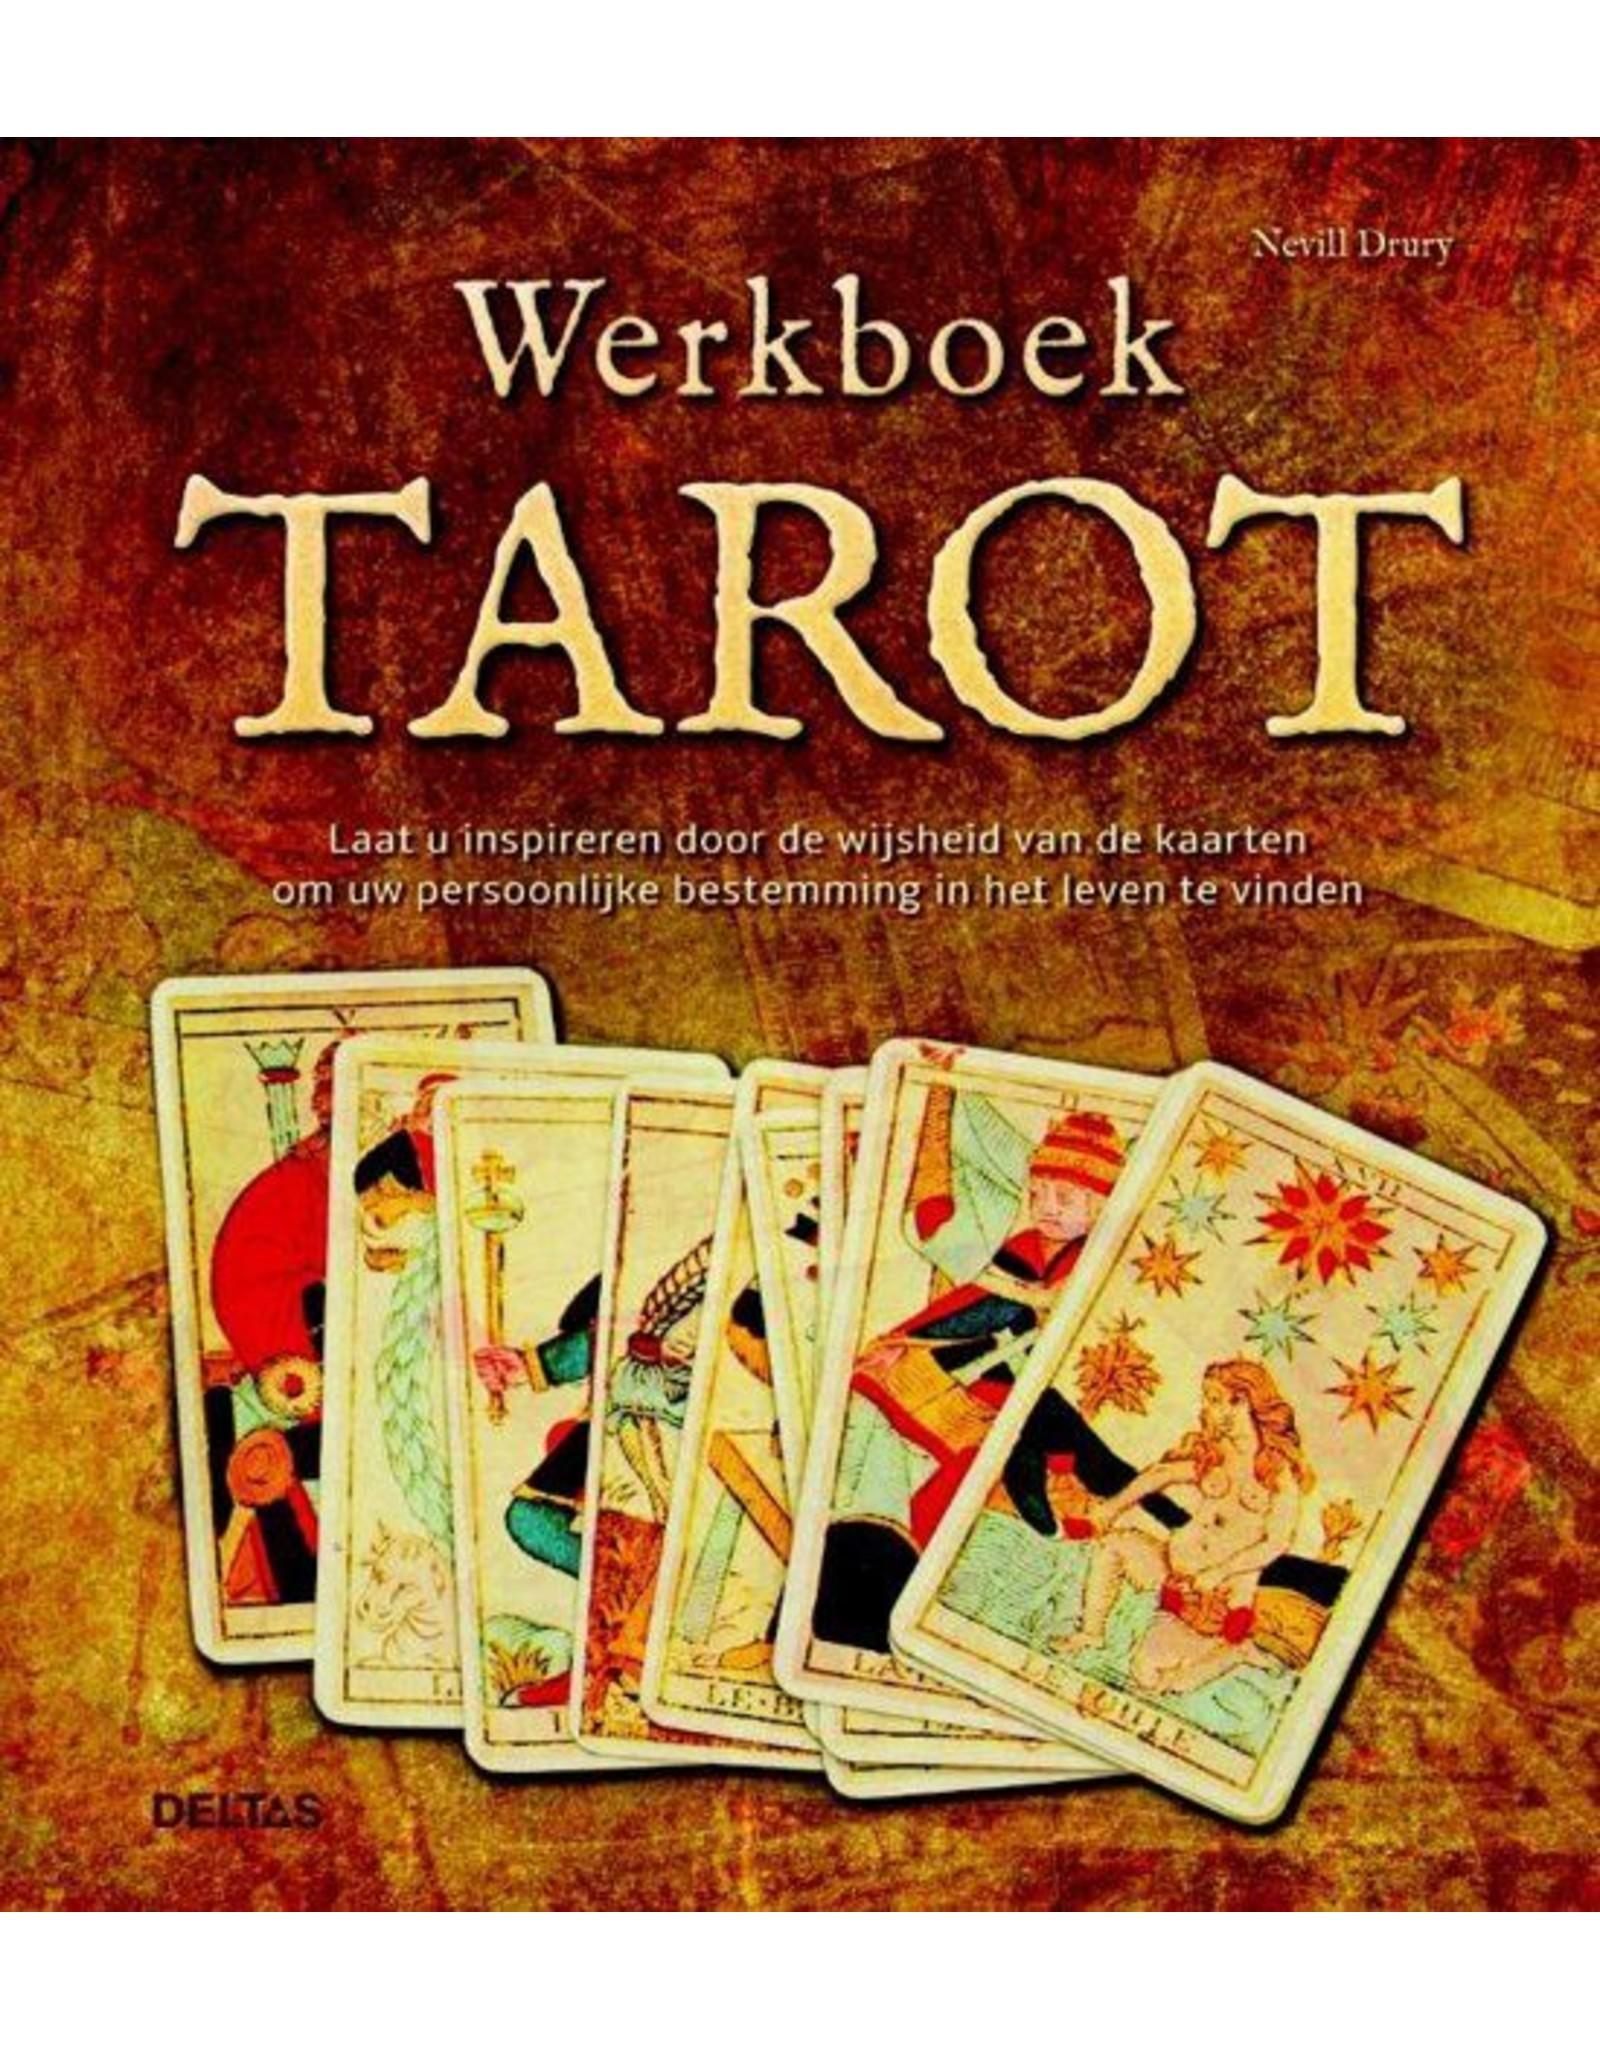 Deltas Tarot werkboek